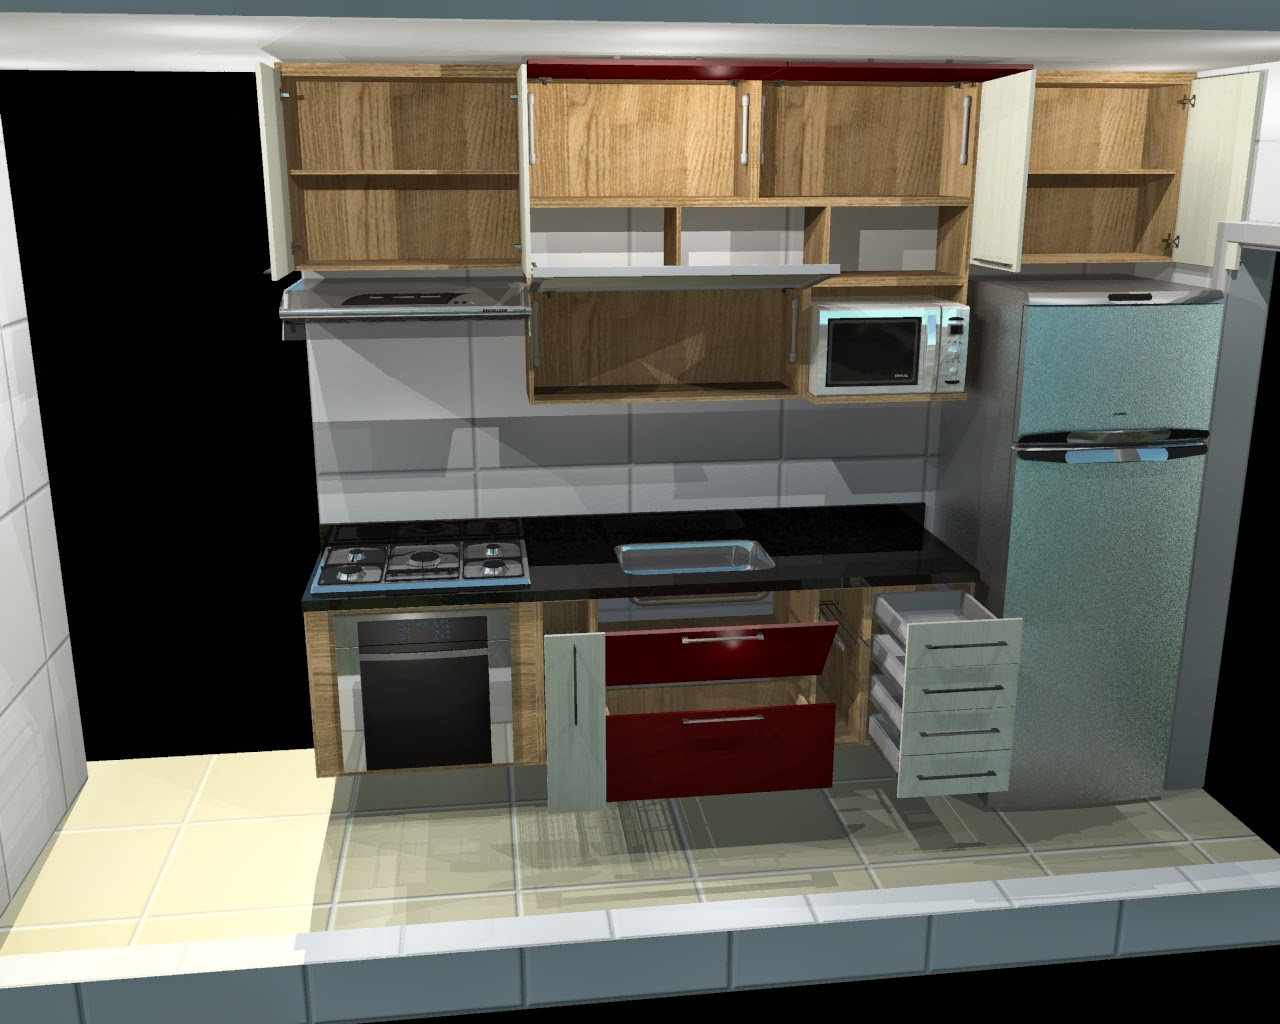 #8B6B40 Móveis da Praça: Cozinhas planejadas para Apartamentos Pequenos 1280x1024 px Projetos De Cozinhas Planejadas Italinea #709 imagens